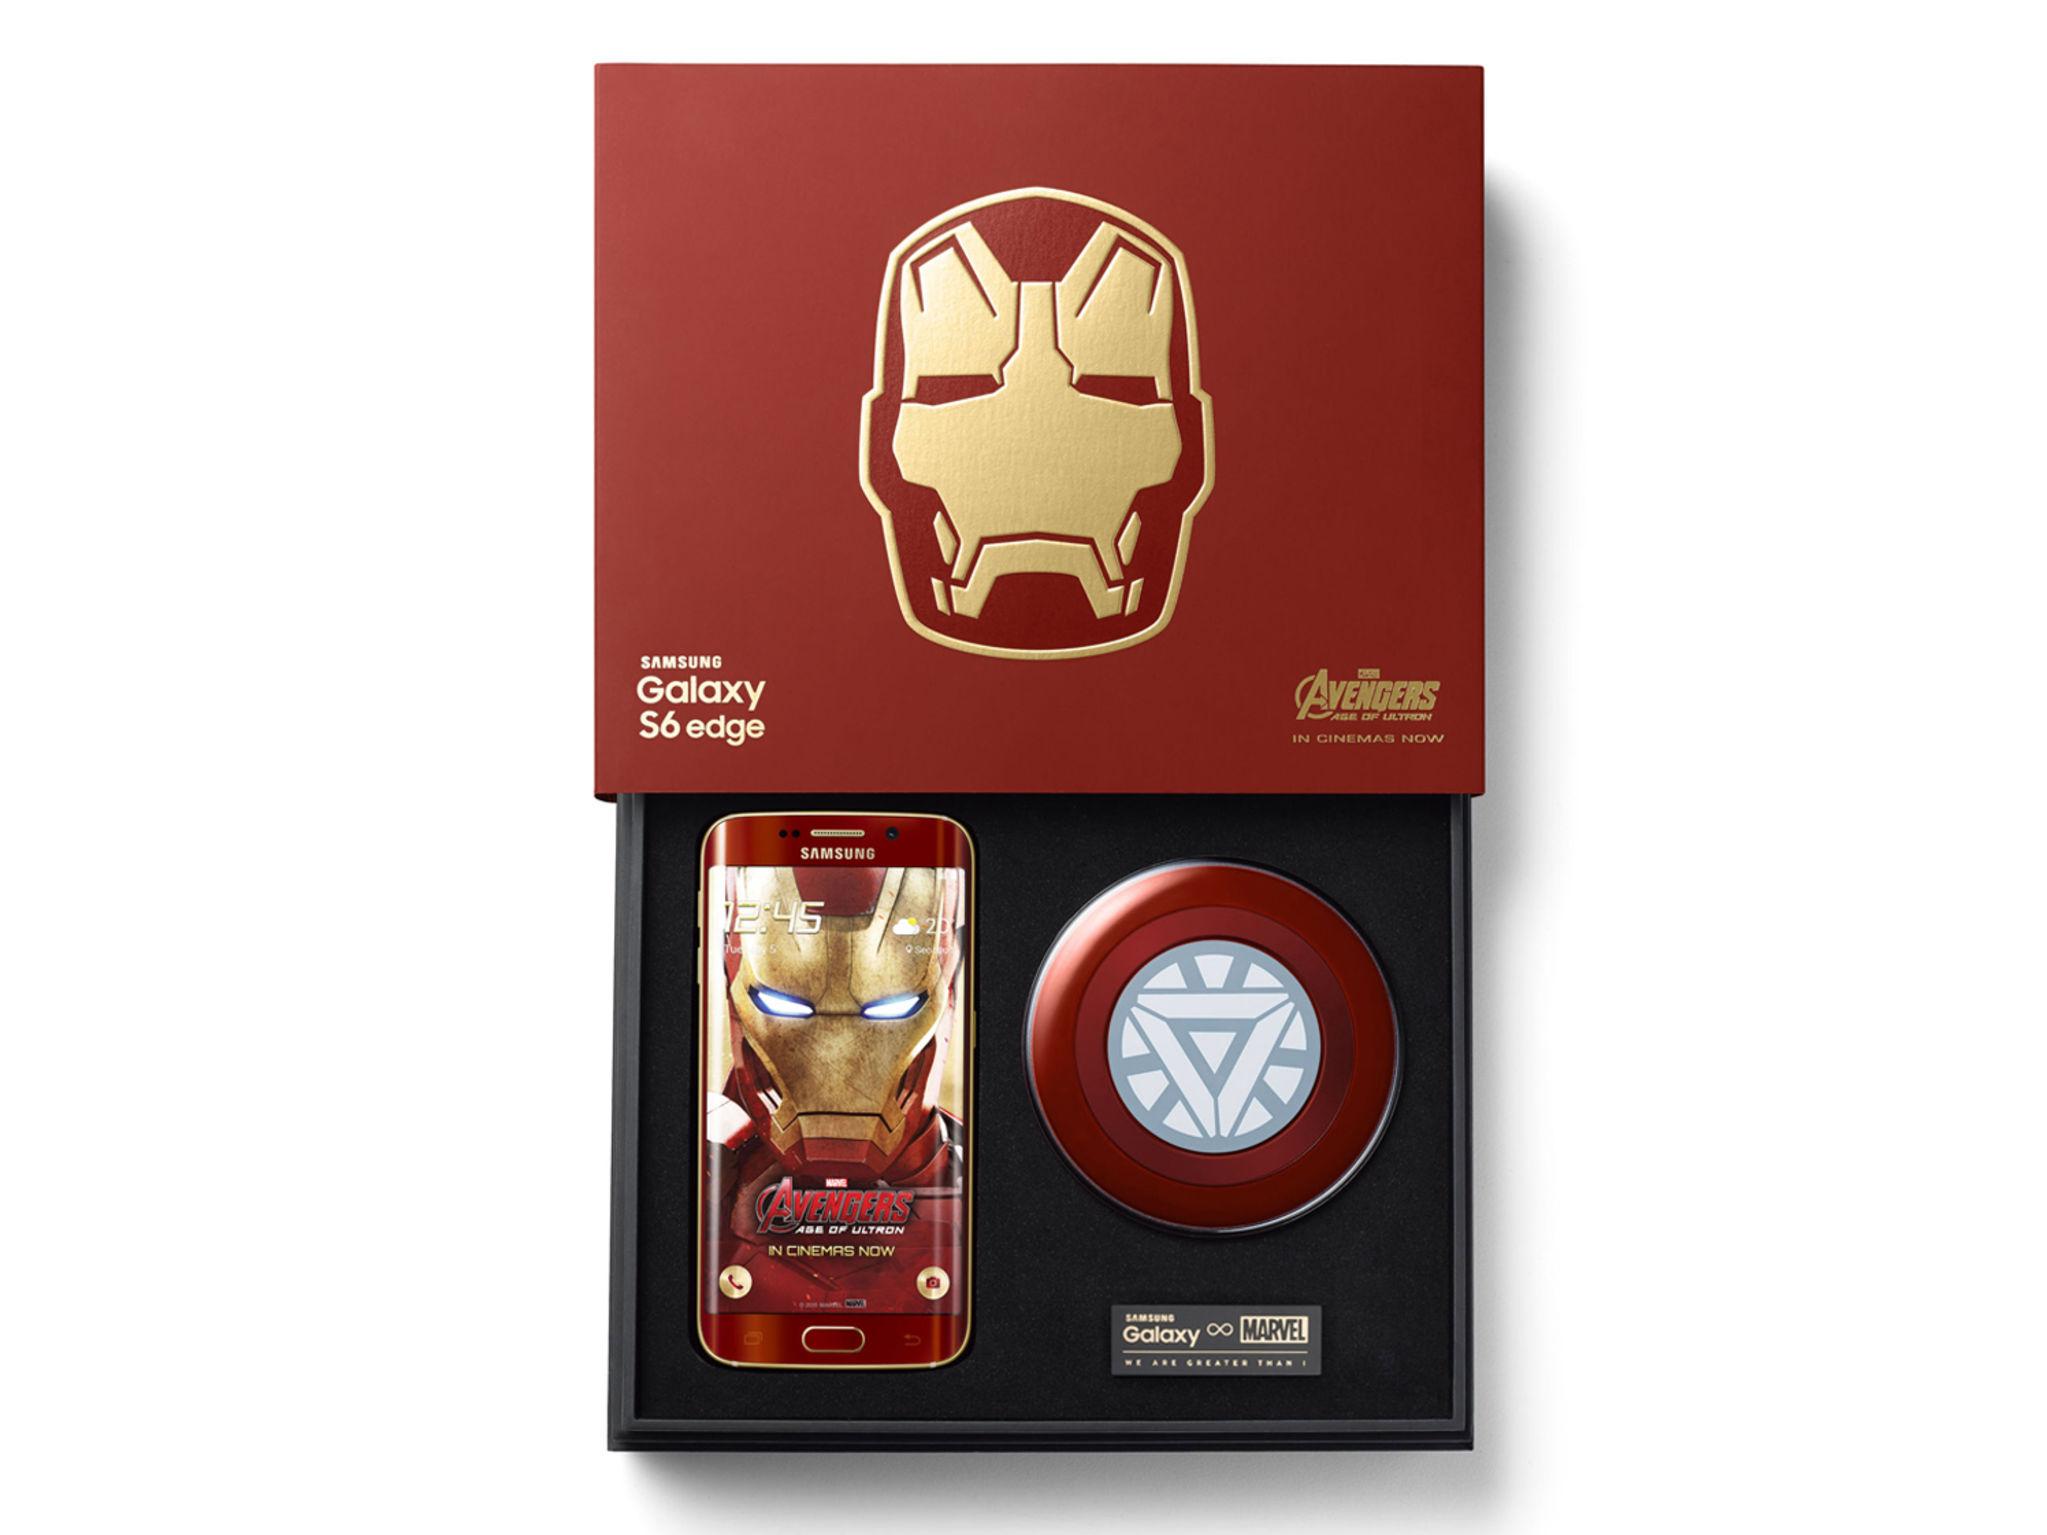 176871_01_Avengers_001.jpg